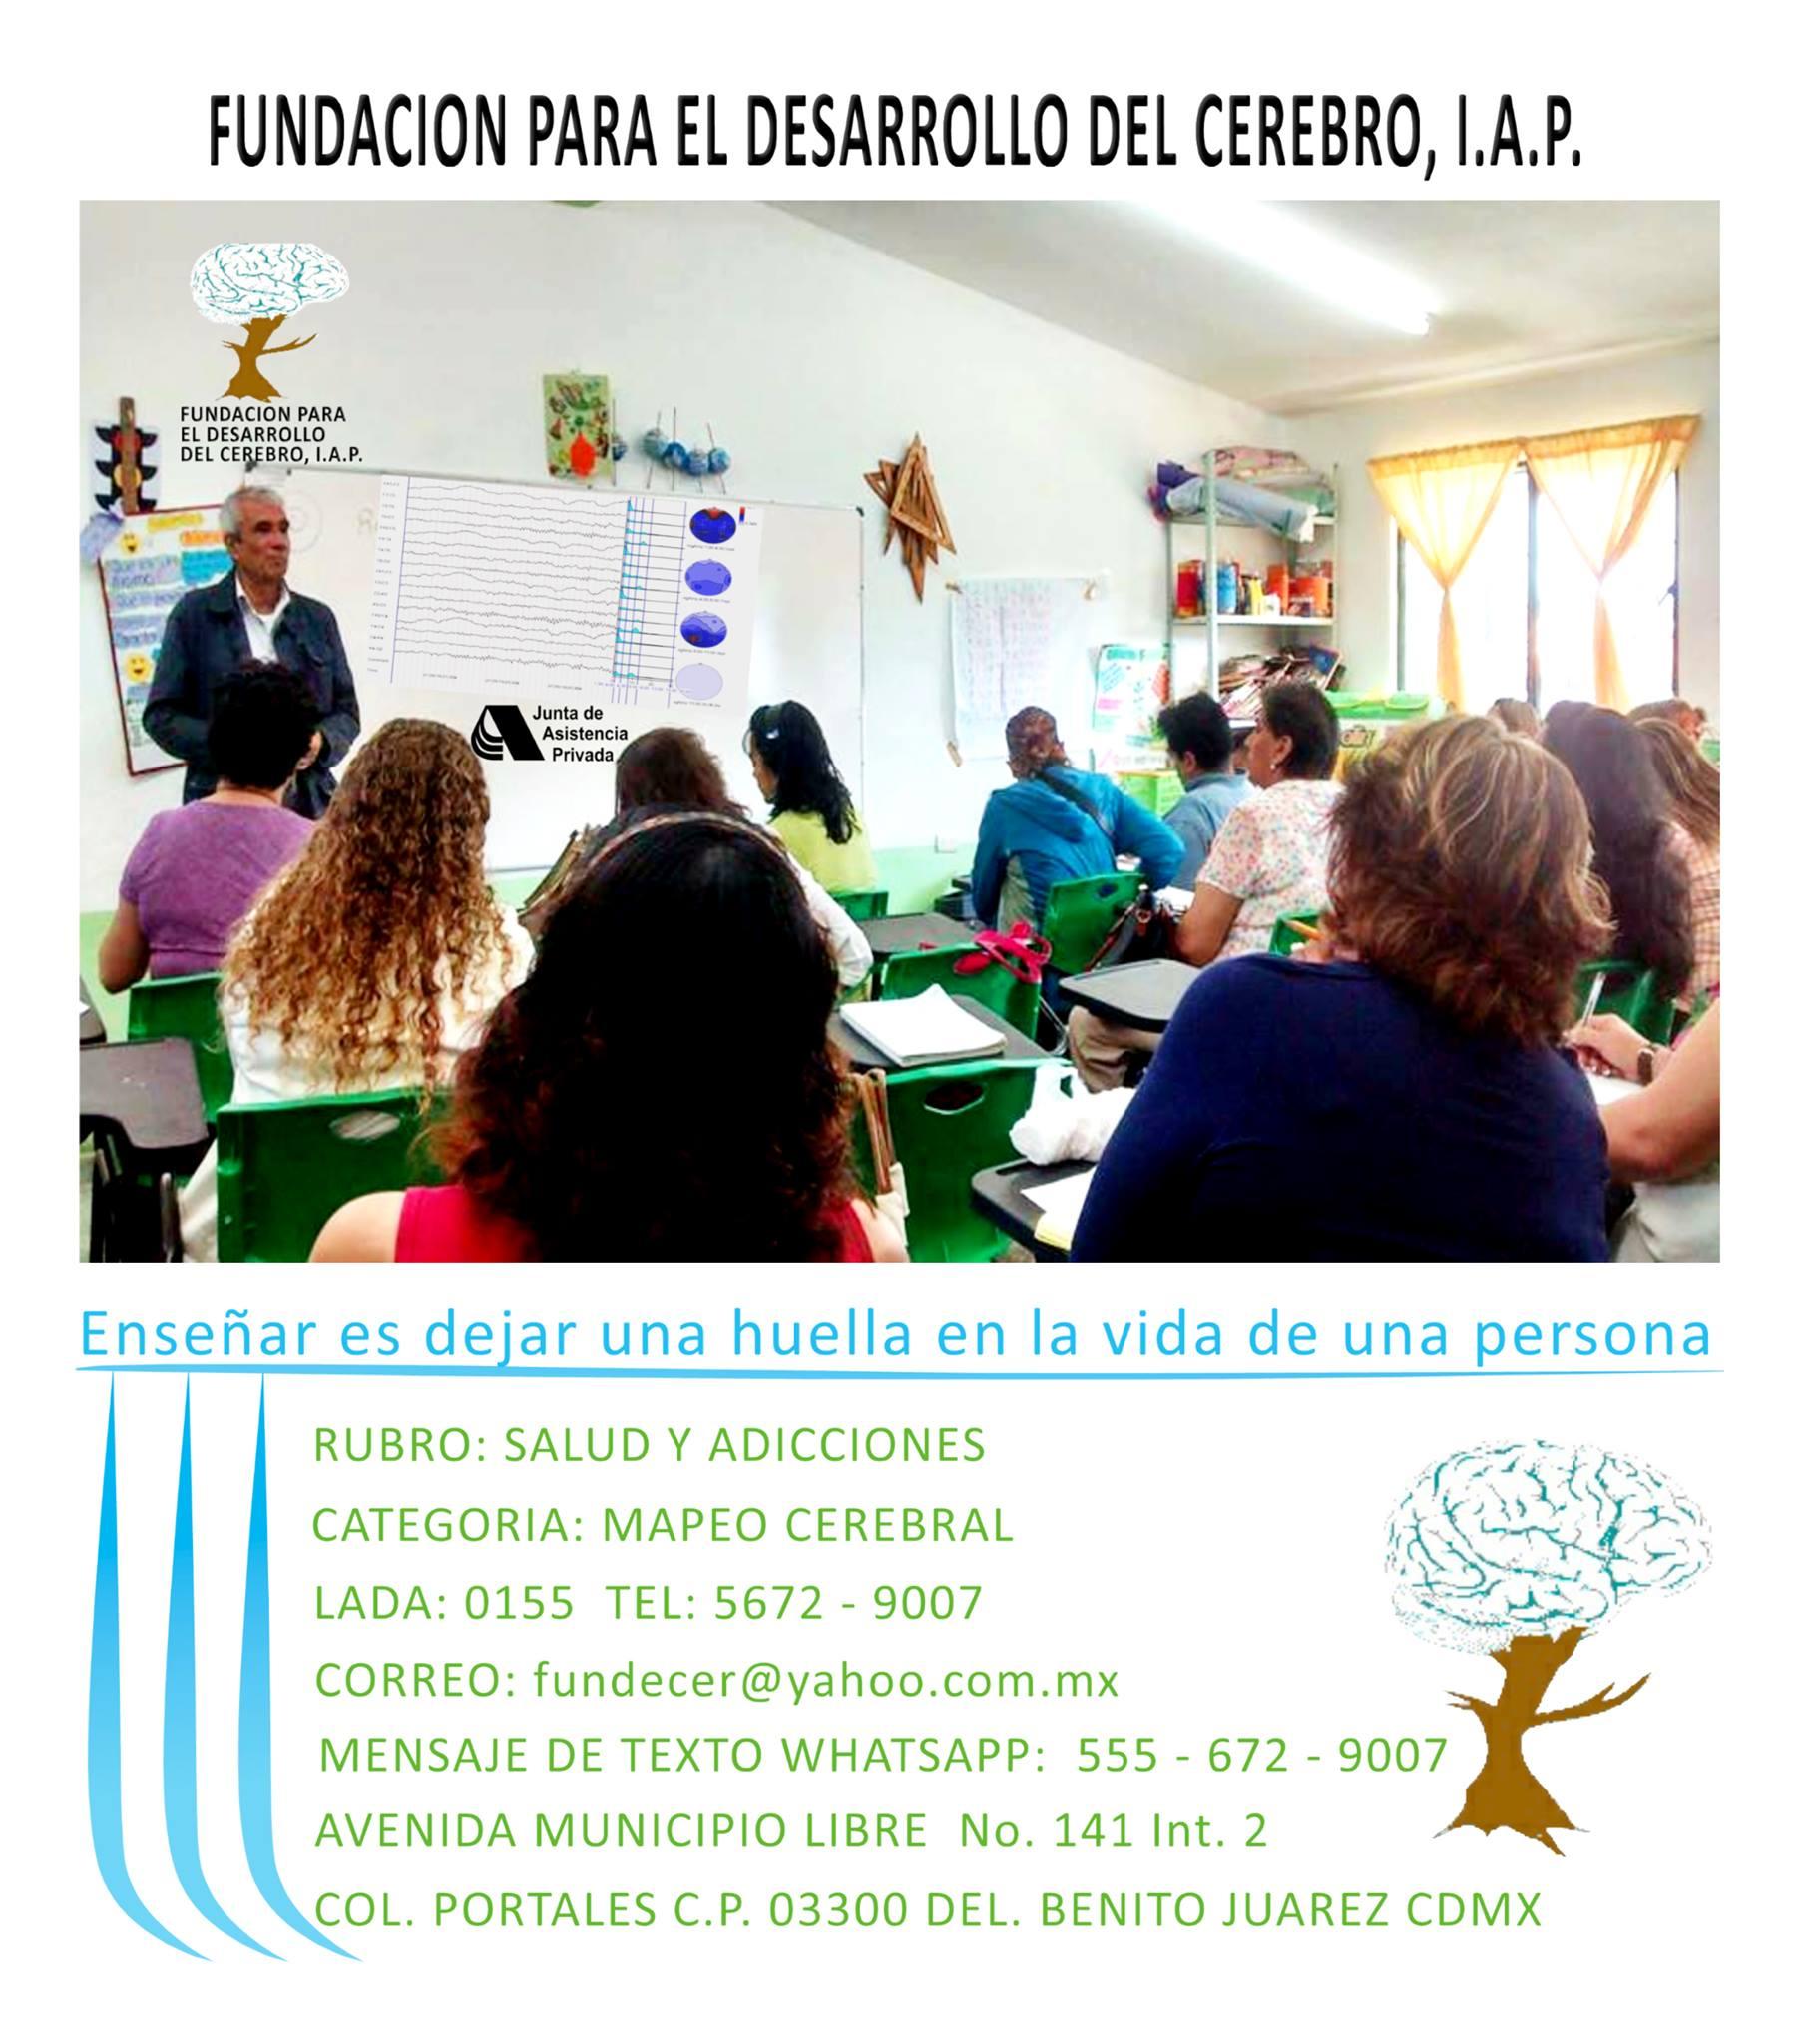 FUNDECER: para el crecimiento del cerebro y la correcta educación